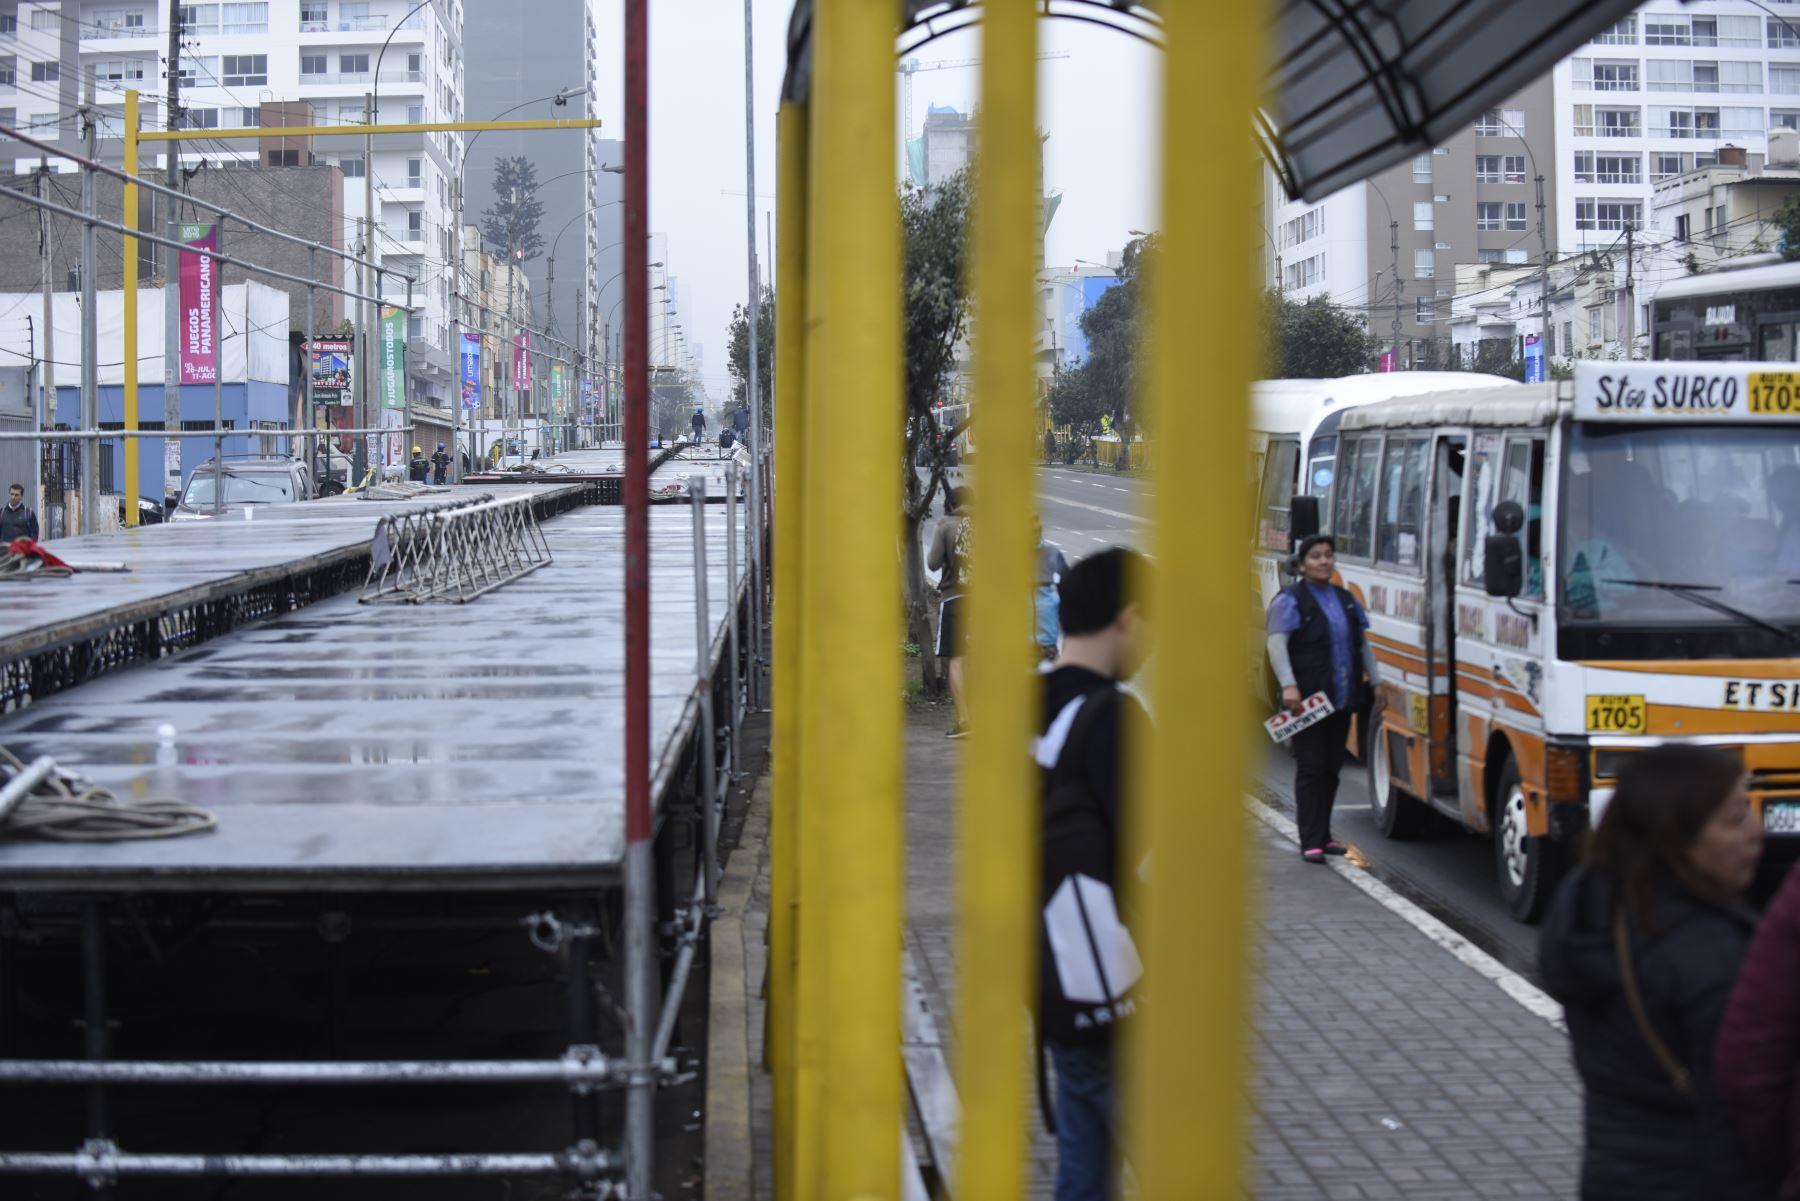 Una de las vías auxiliares de la avenida Brasil fue cerrada de la cuadra 19 a la 24 debido a la instalación de graderías desde donde el público podrá apreciar, el próximo 29 de julio, la Gran Parada y Desfile Cívico Militar con motivo de Fiestas Patrias. Foto: ANDINA/César Fajardo